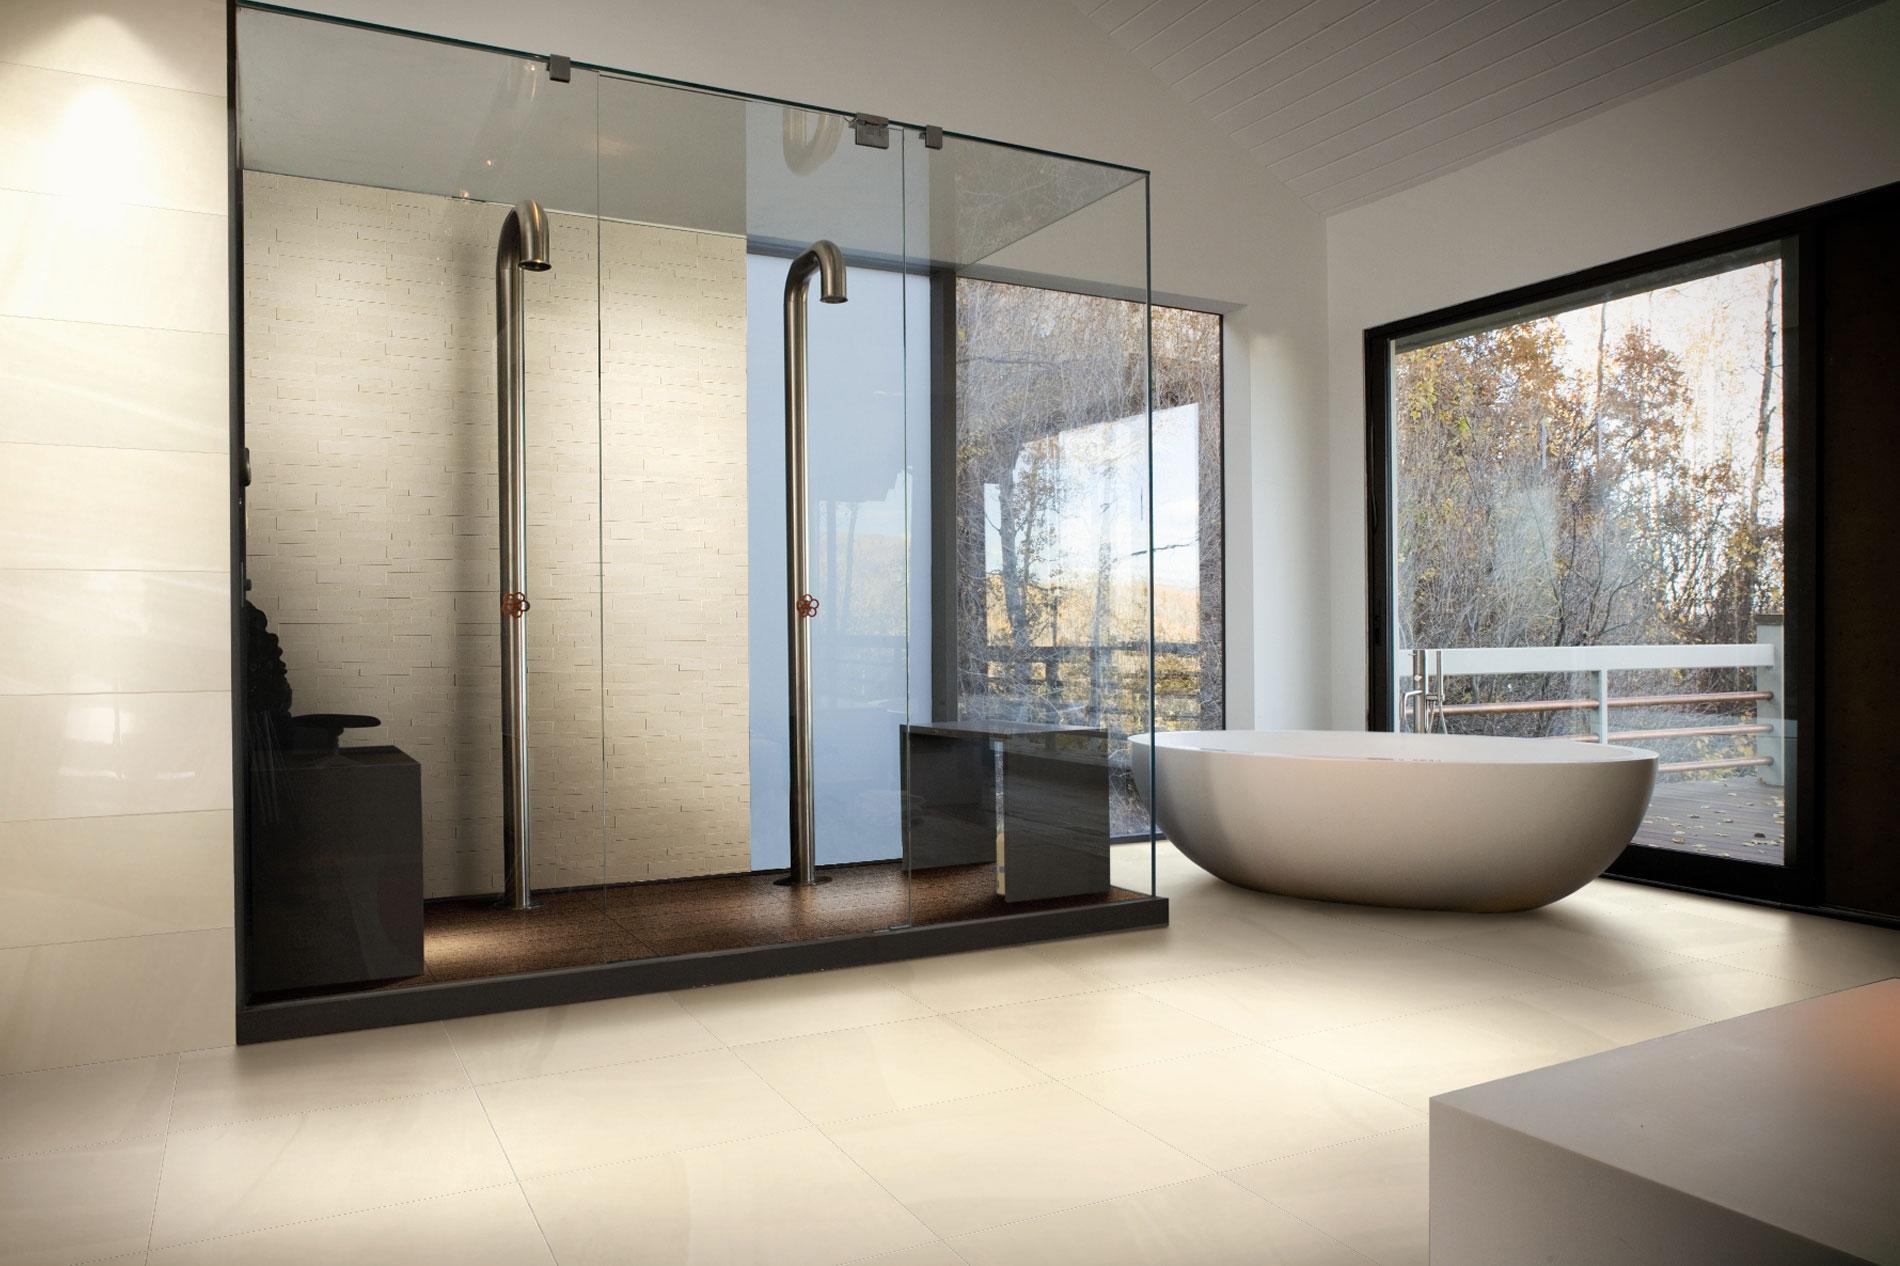 Vẻ đẹp không thể cưỡng lại và đầy sinh động, đó là những gì chúng ta có thể nói về bộ sưu tập này. Flow làm biến đổi không gian nhà bạn, giúp phong phú thêm cho căn phòng và mang đến những dự án thiết kế một cảm xúc đương đại trường tồn cùng thời gian.